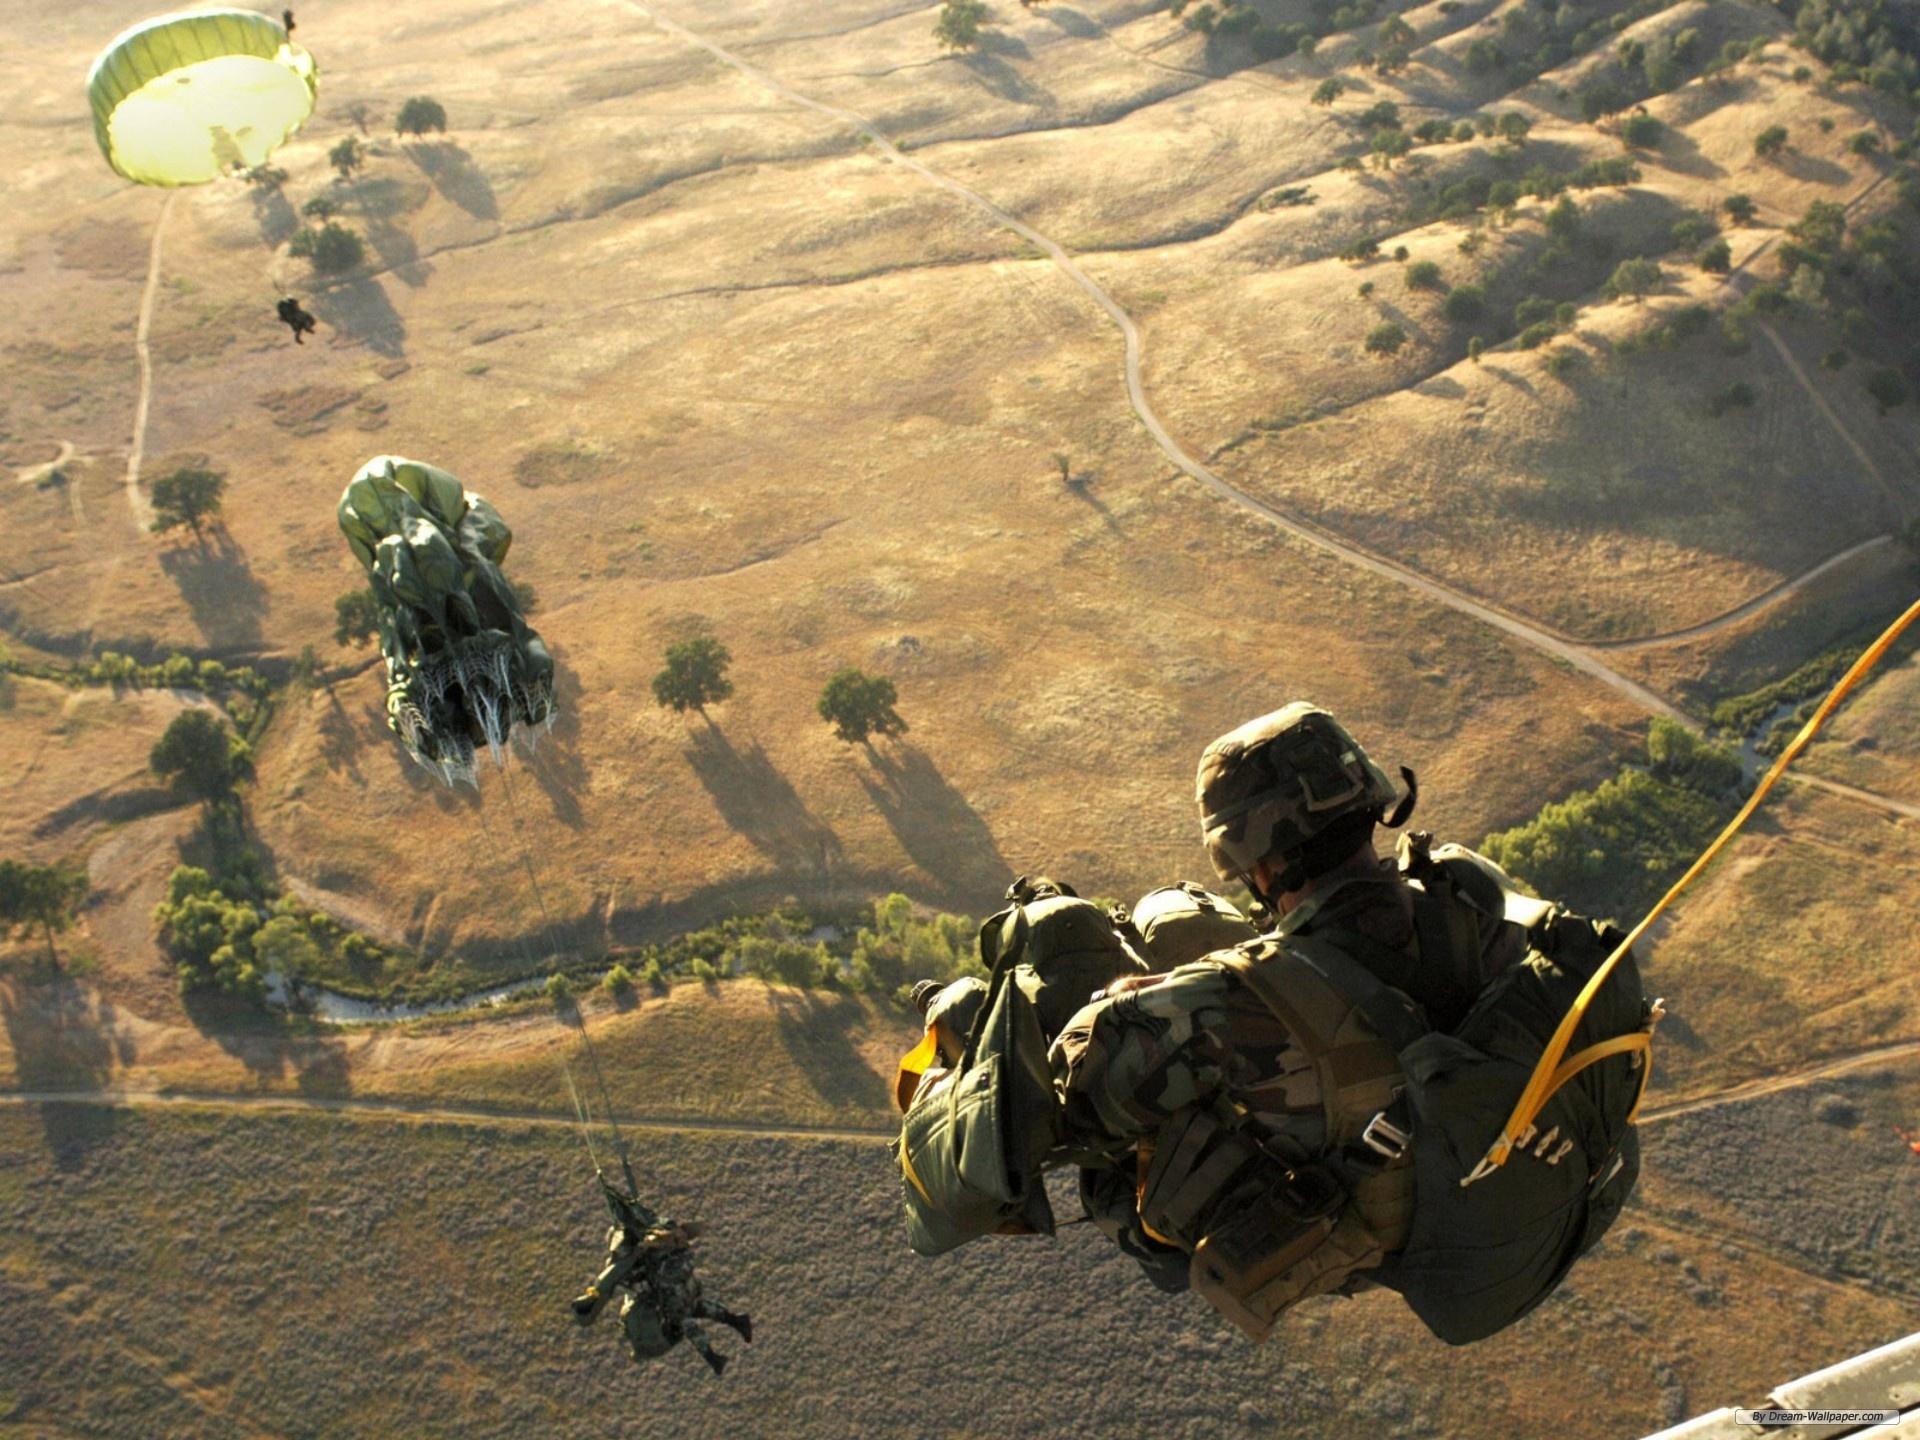 48+] Paratrooper Wallpaper Images on WallpaperSafari